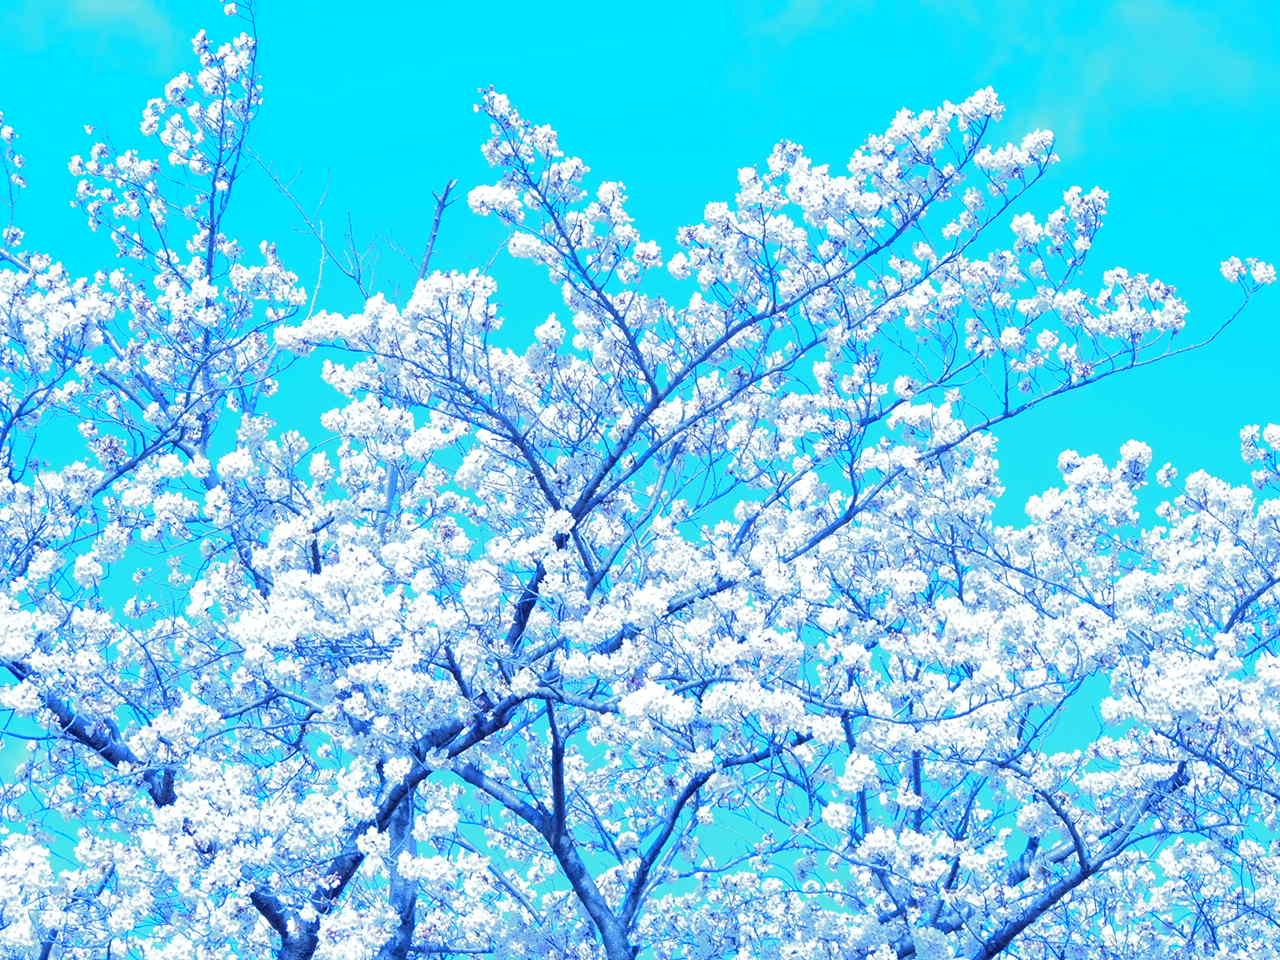 葛飾区小菅公園の春 2。_a0214329_14292311.jpg